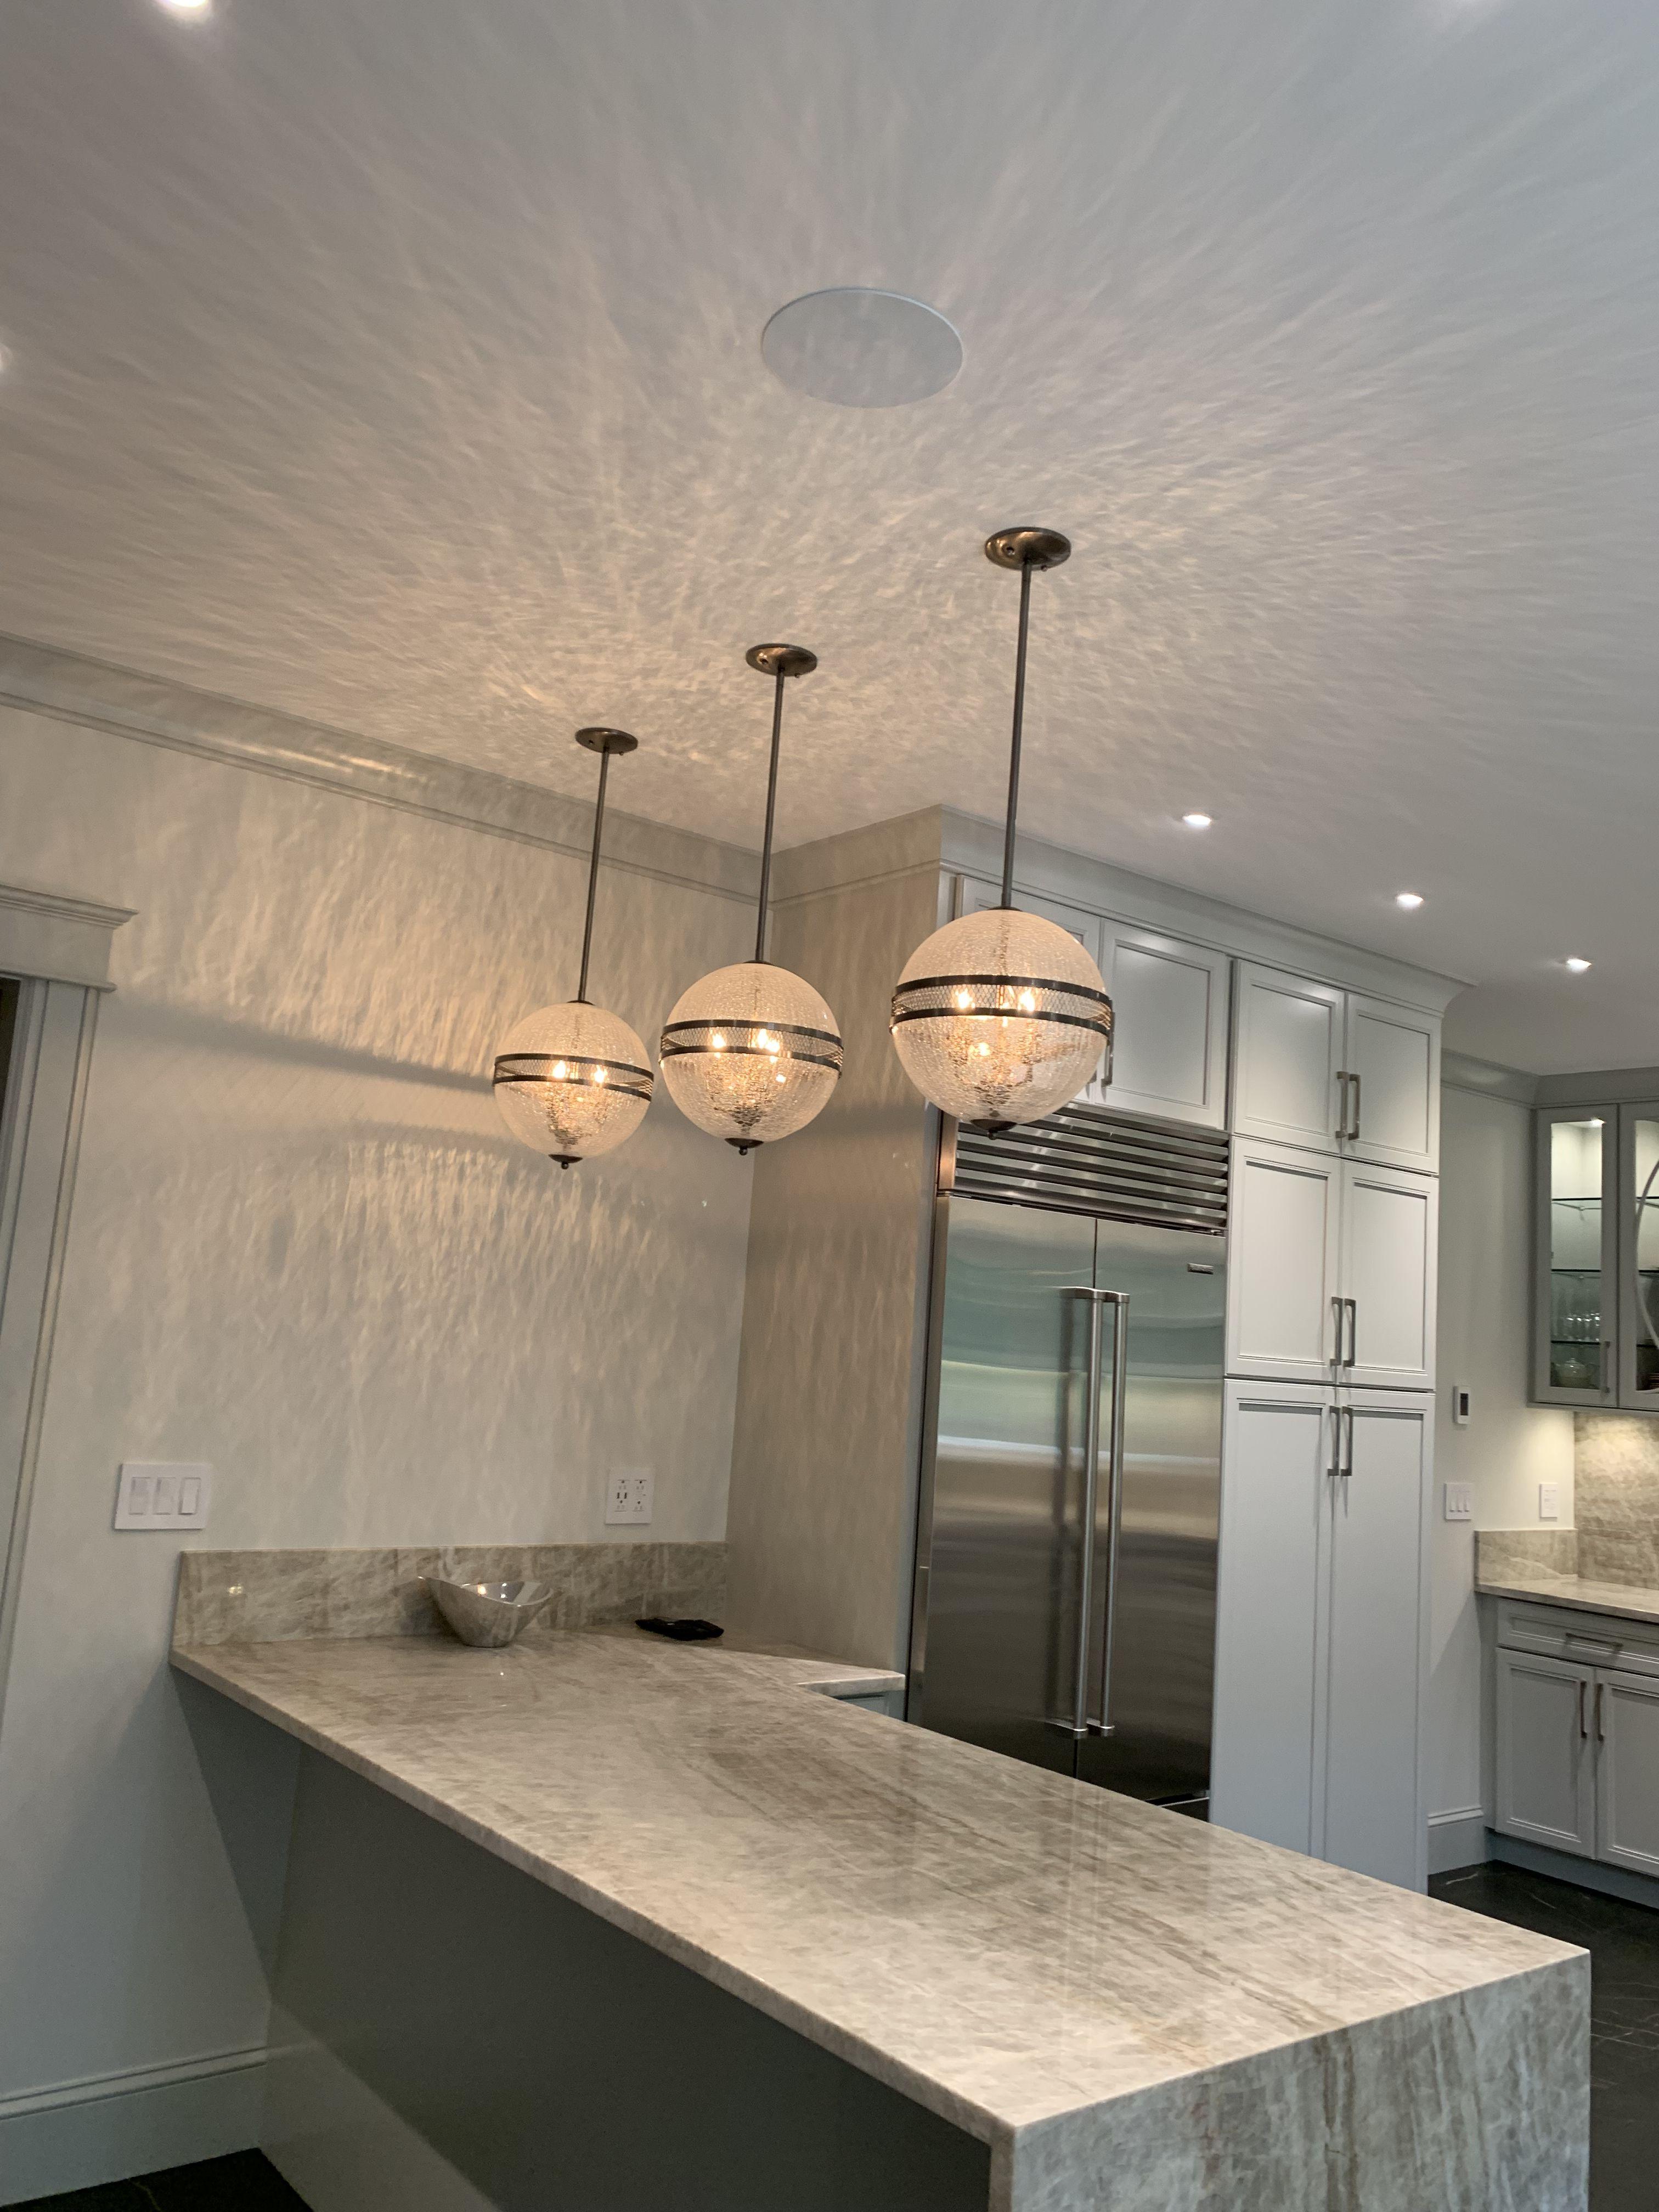 New York Kitchen Remodel Luxury Kitchen Design Kitchen Remodel Kitchen Cabinet Remodel